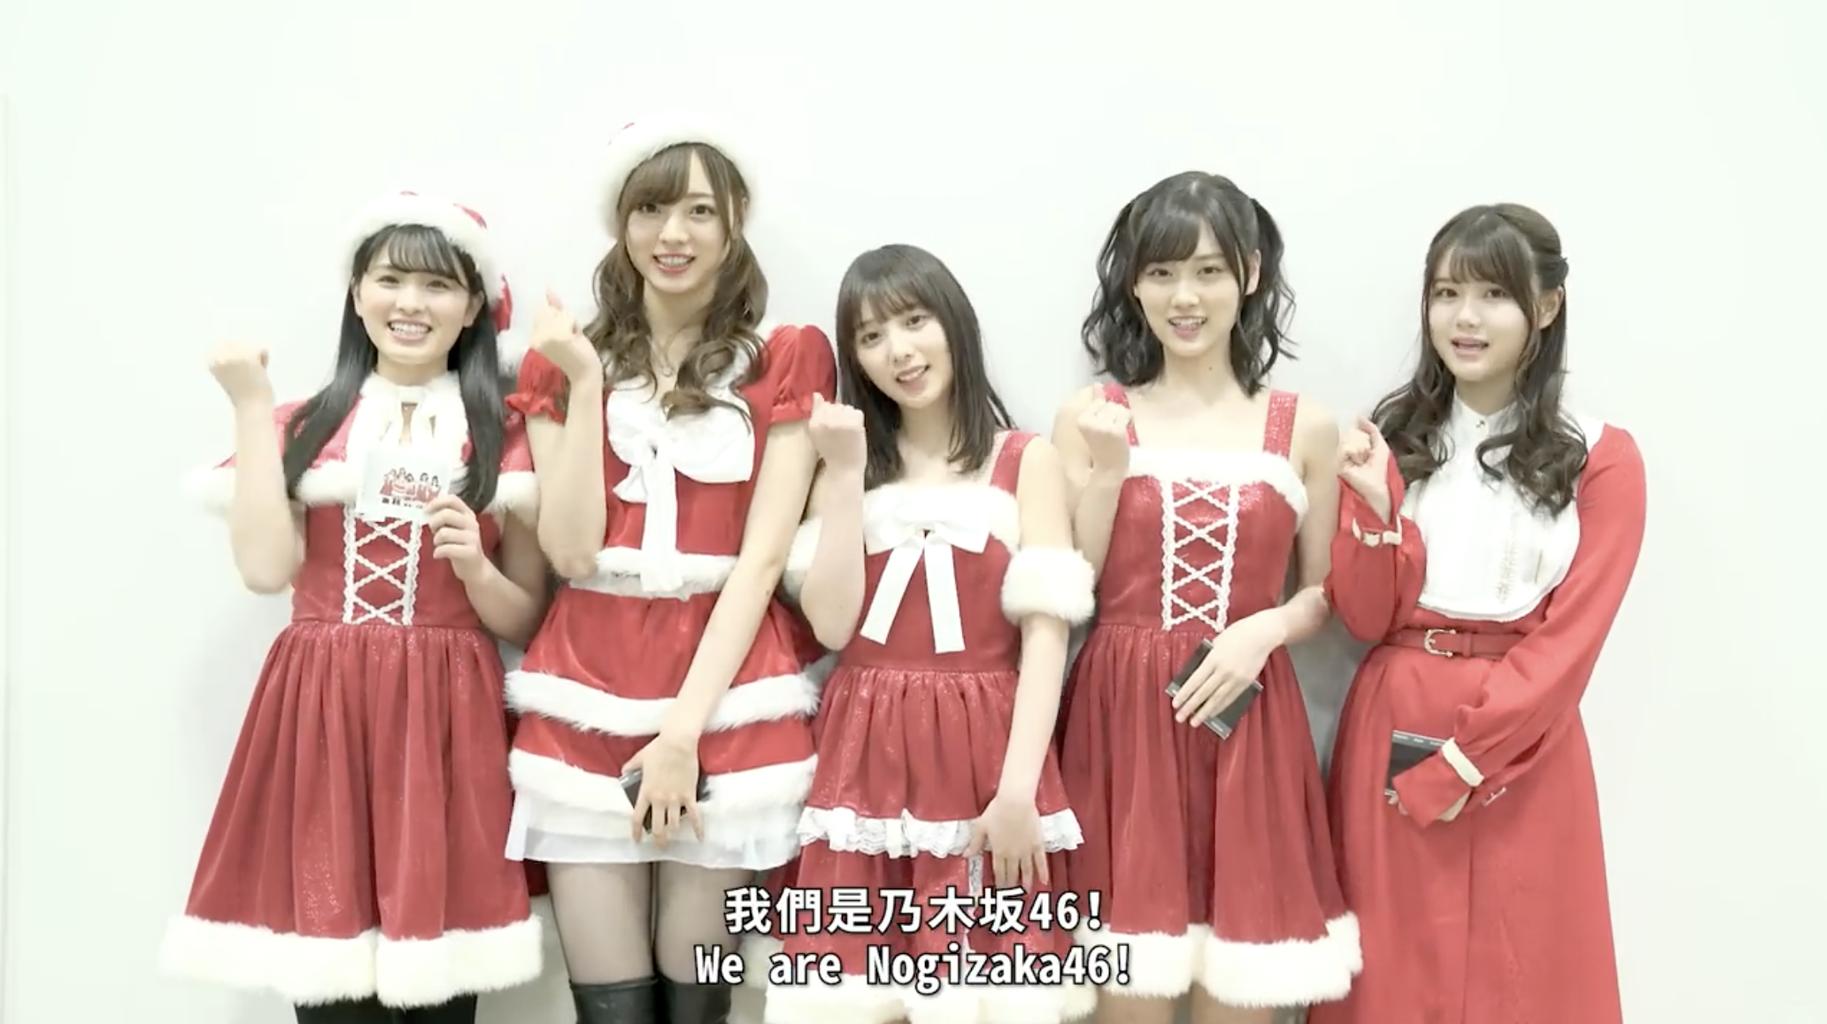 どのサンタとクリスマスセックスしたい? 大園、梅澤、与田、山下、りりちん ->画像>6枚